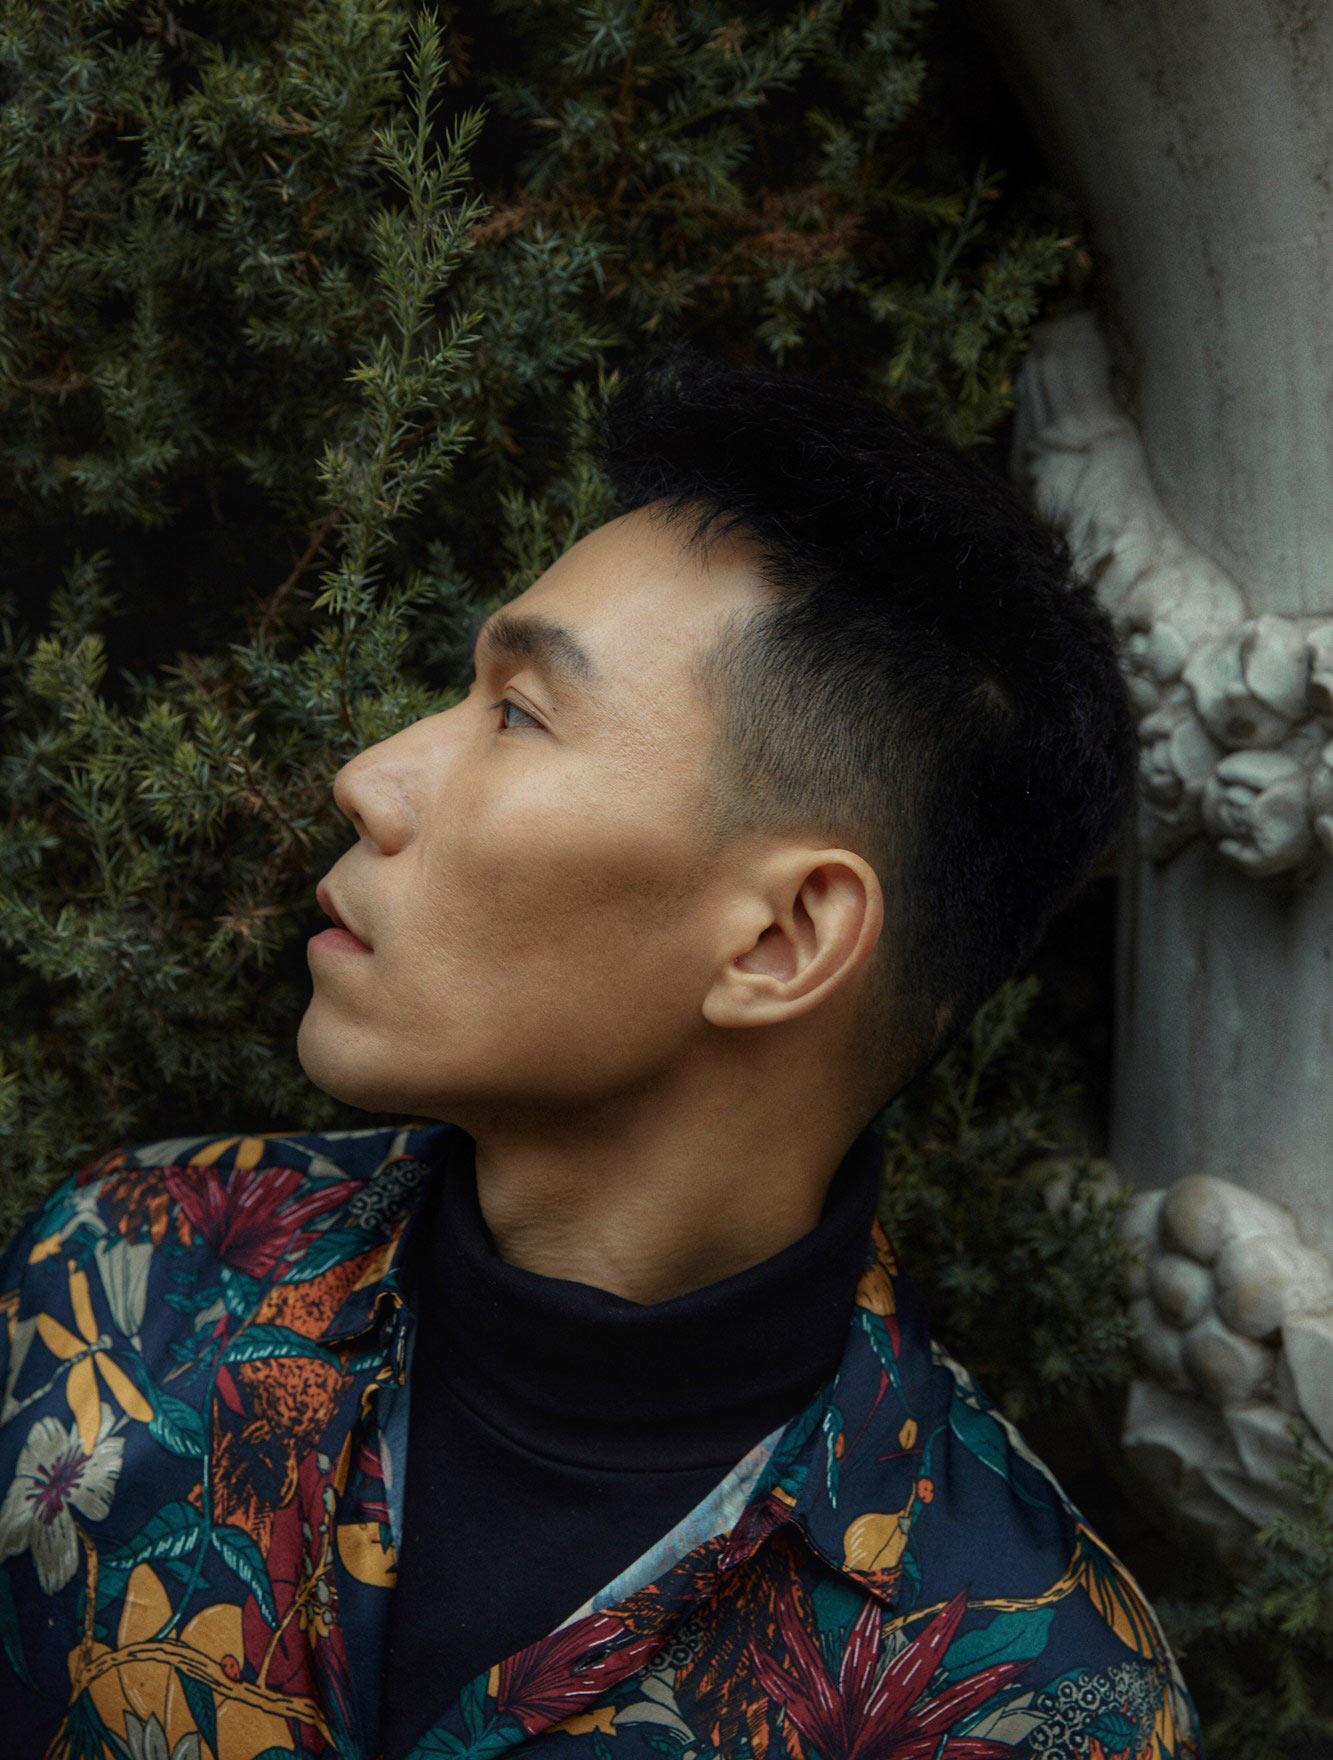 演员王超北发布时尚街拍 随性自在展多重个性